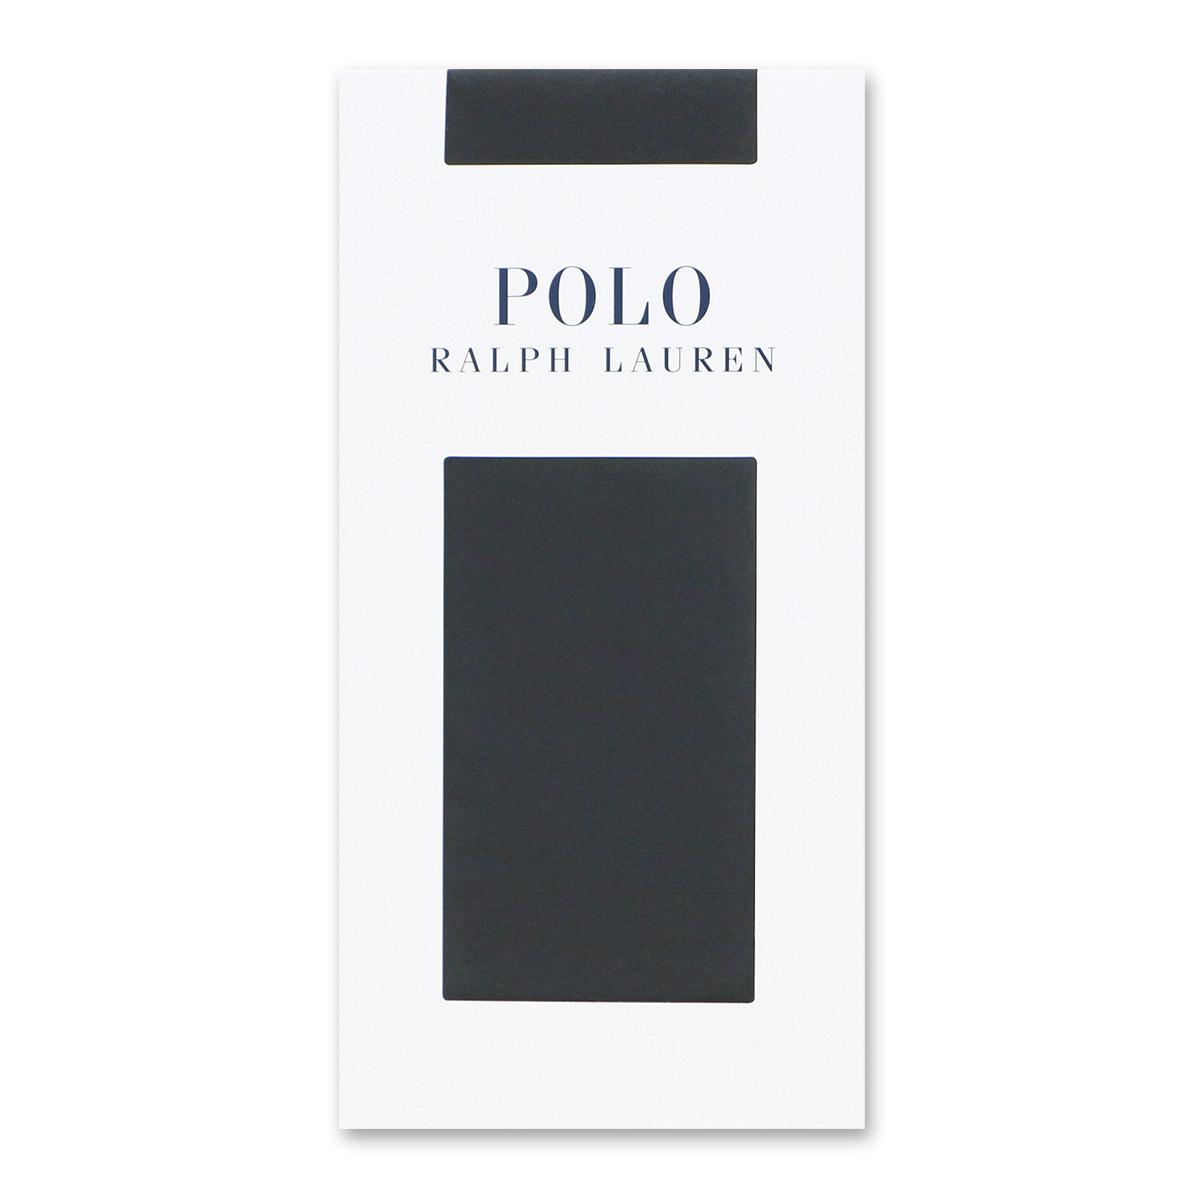 POLO RALPH LAUREN ポロ ラルフローレン|ウィメンズ 80デニール プレーティング タイツ|シルクプロテイン加工 ソフトな肌触り|186-3888